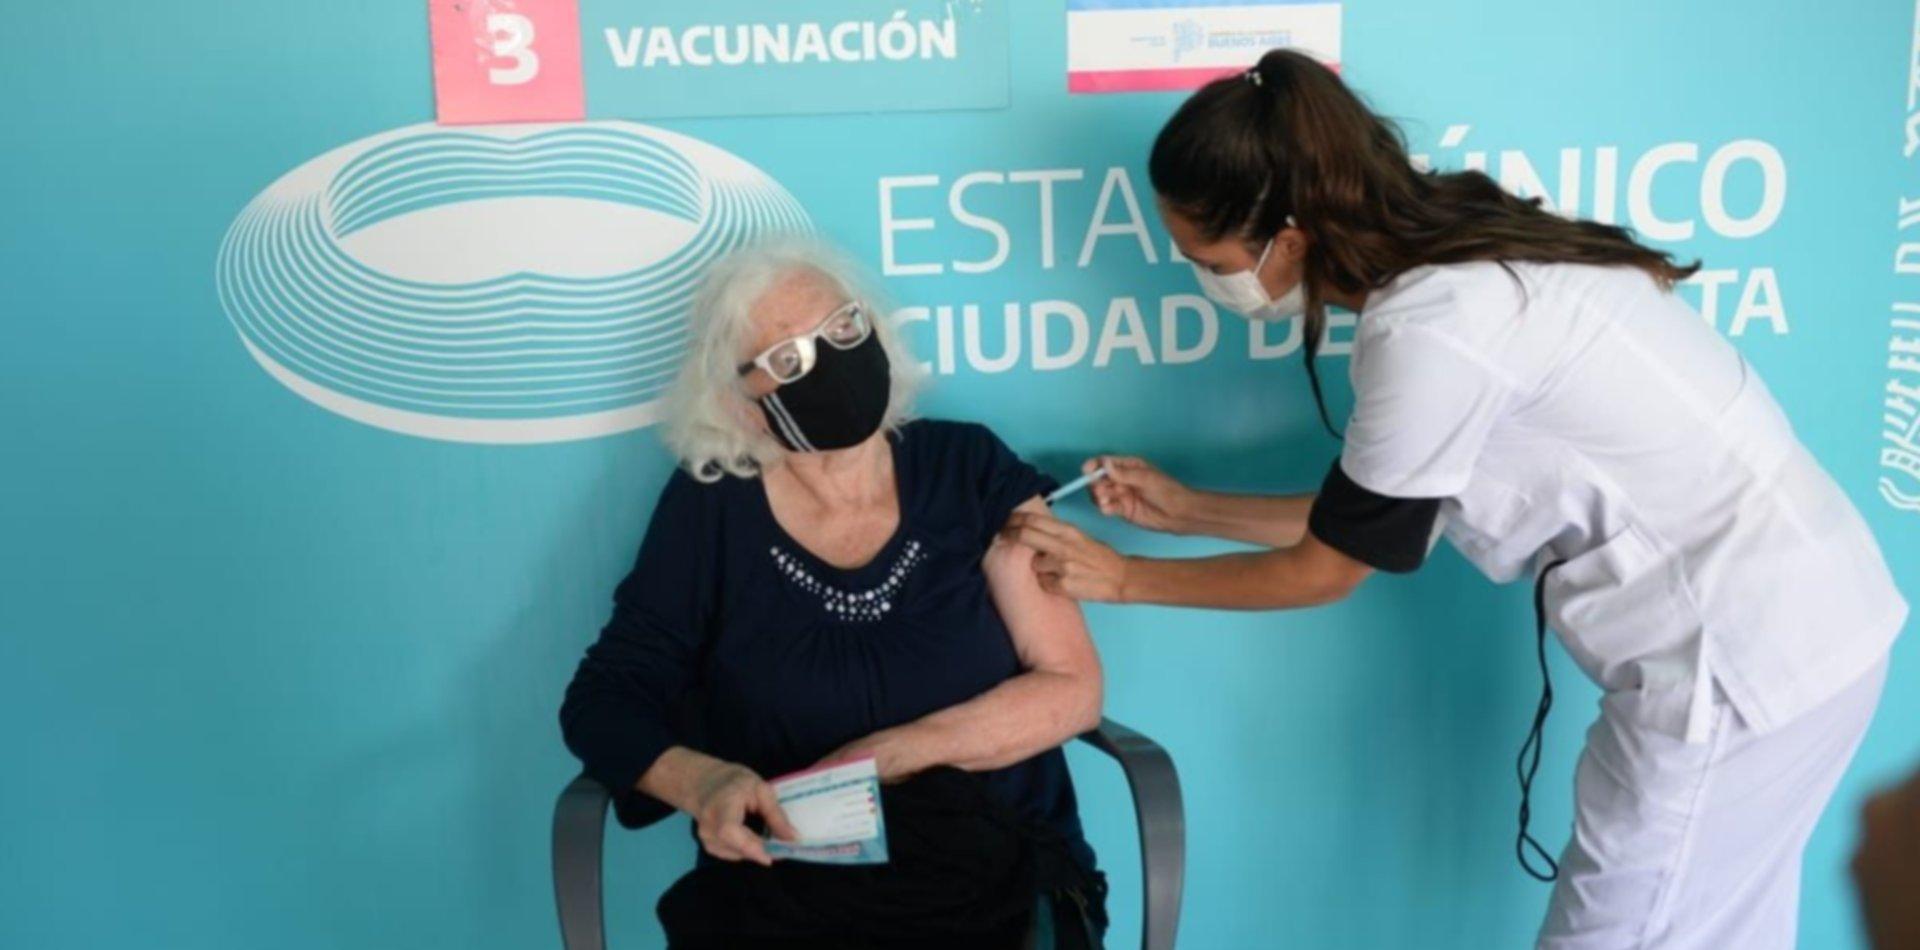 Así arrancó la vacunación con la dosis de AstraZeneca en La Plata